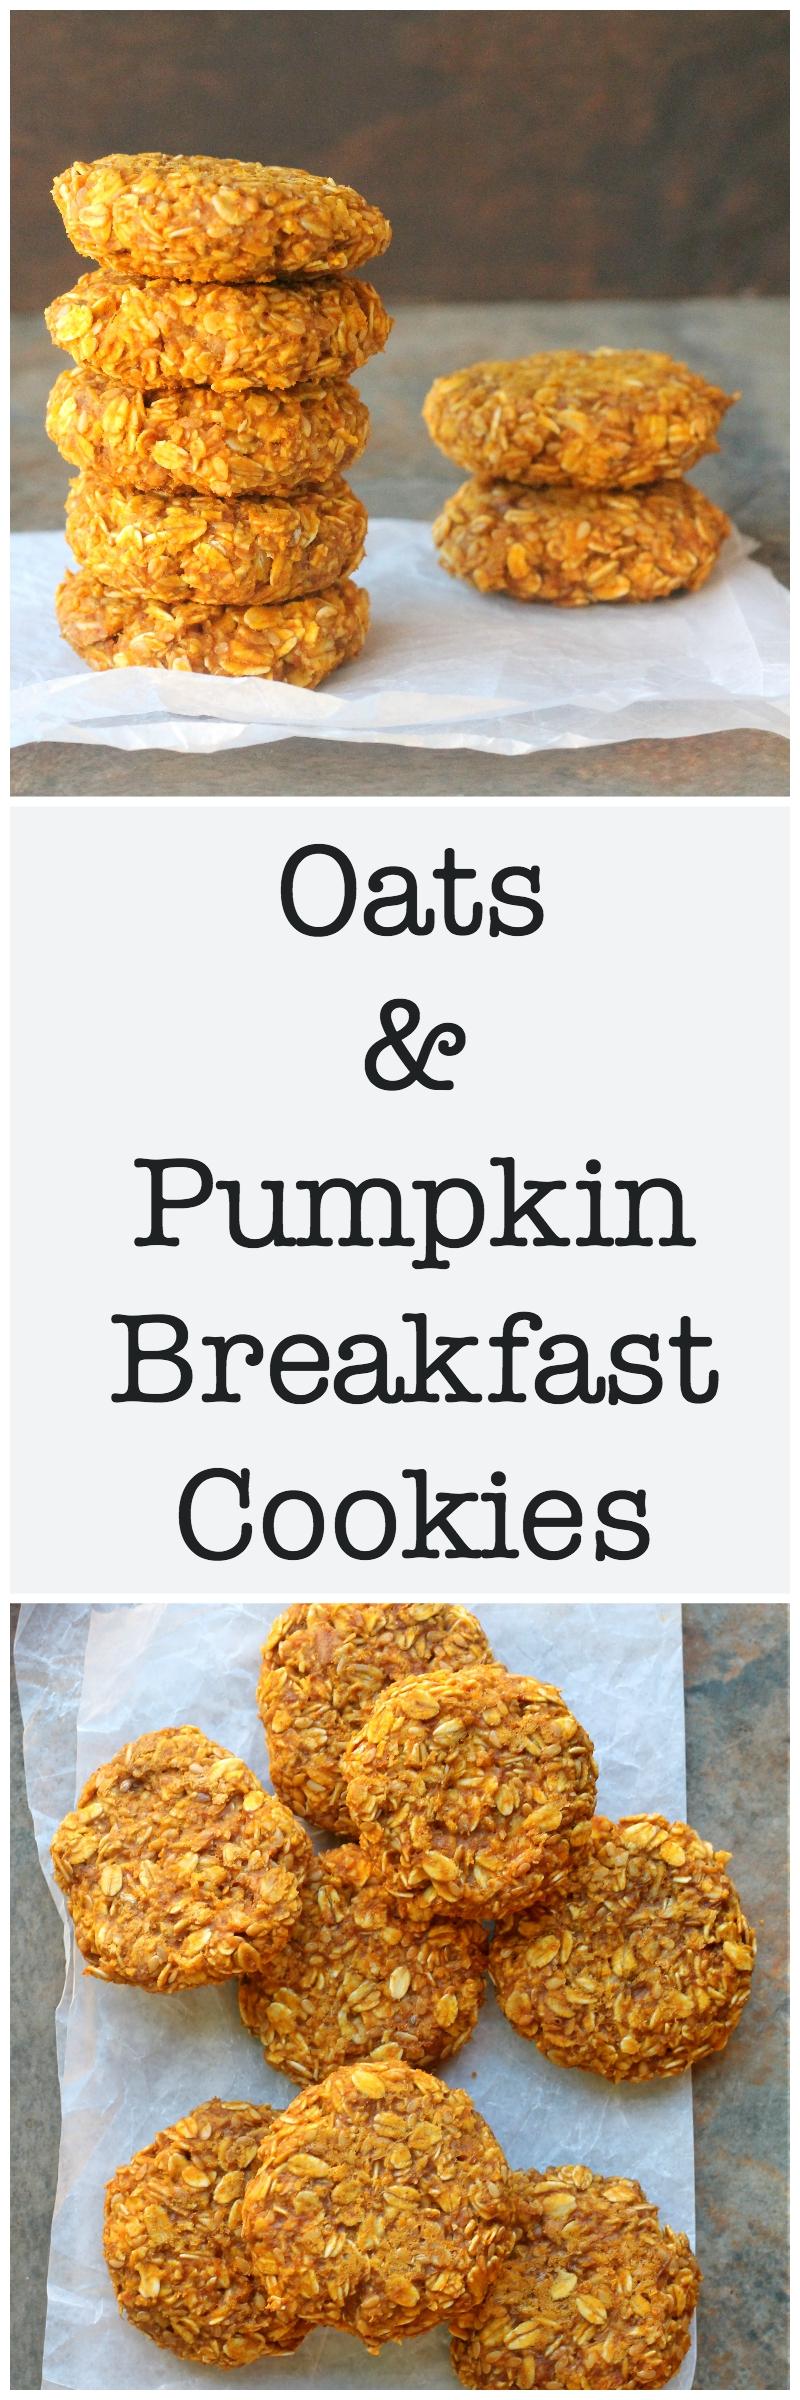 oats and pumpkin breakfast cookies5